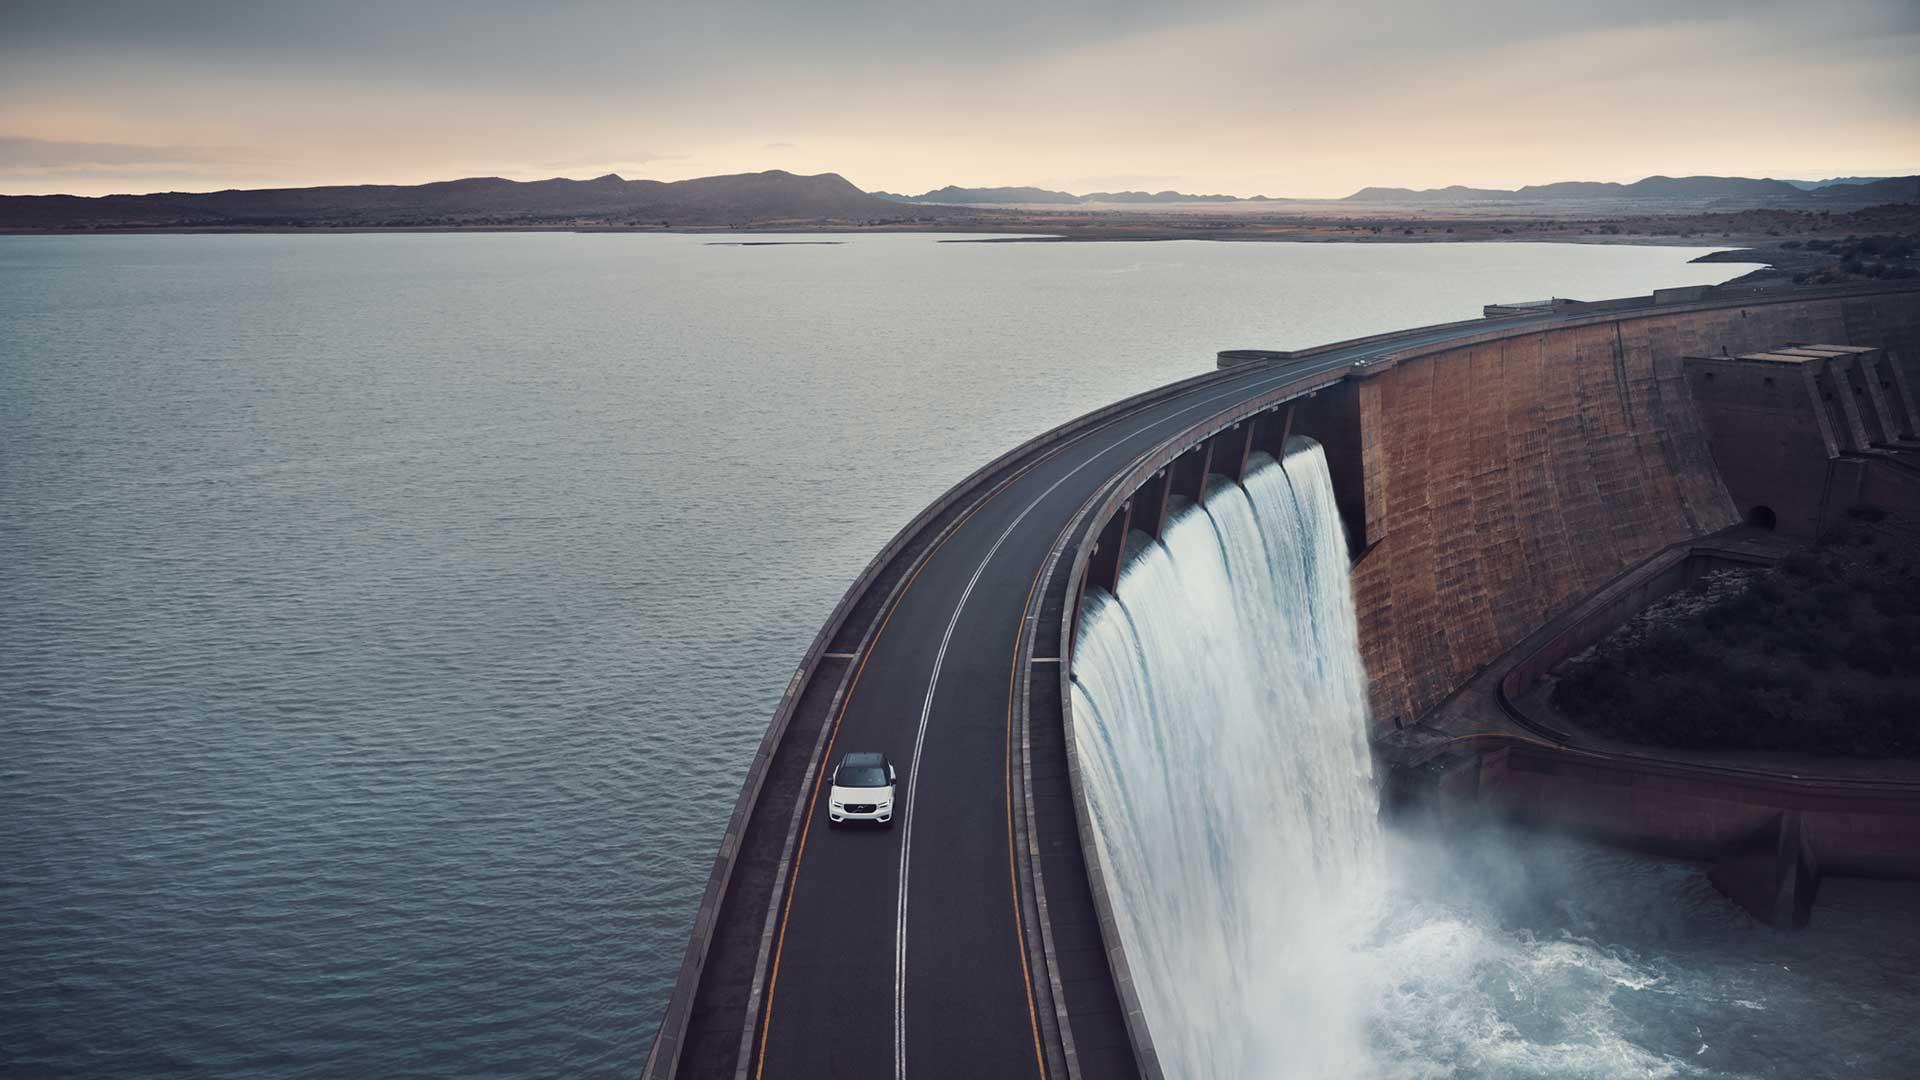 一辆沃尔沃SUV在一座横跨水库的桥上行驶。